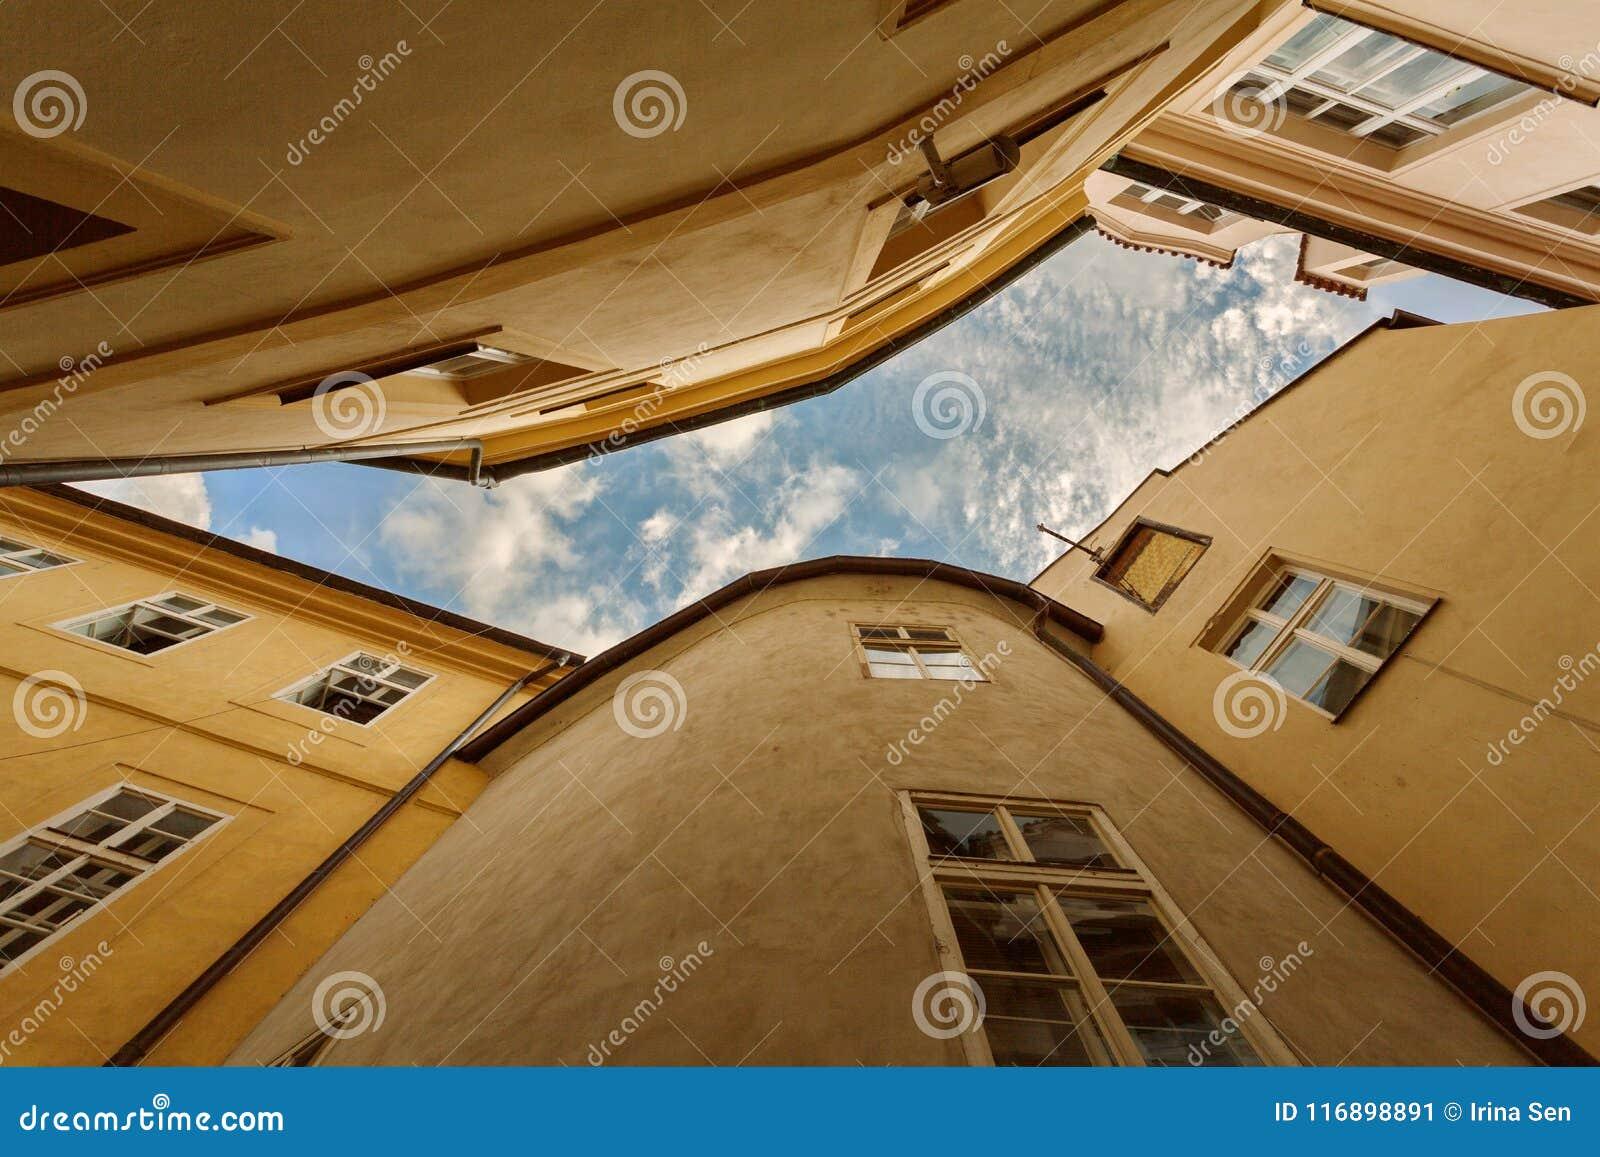 ΠΡΑΓΑ, ΒΟΗΜΙΑ, ΔΗΜΟΚΡΑΤΊΑ ΤΗΣ ΤΣΕΧΊΑΣ - χαρακτηριστικός ορίζοντας της παλαιάς πόλης